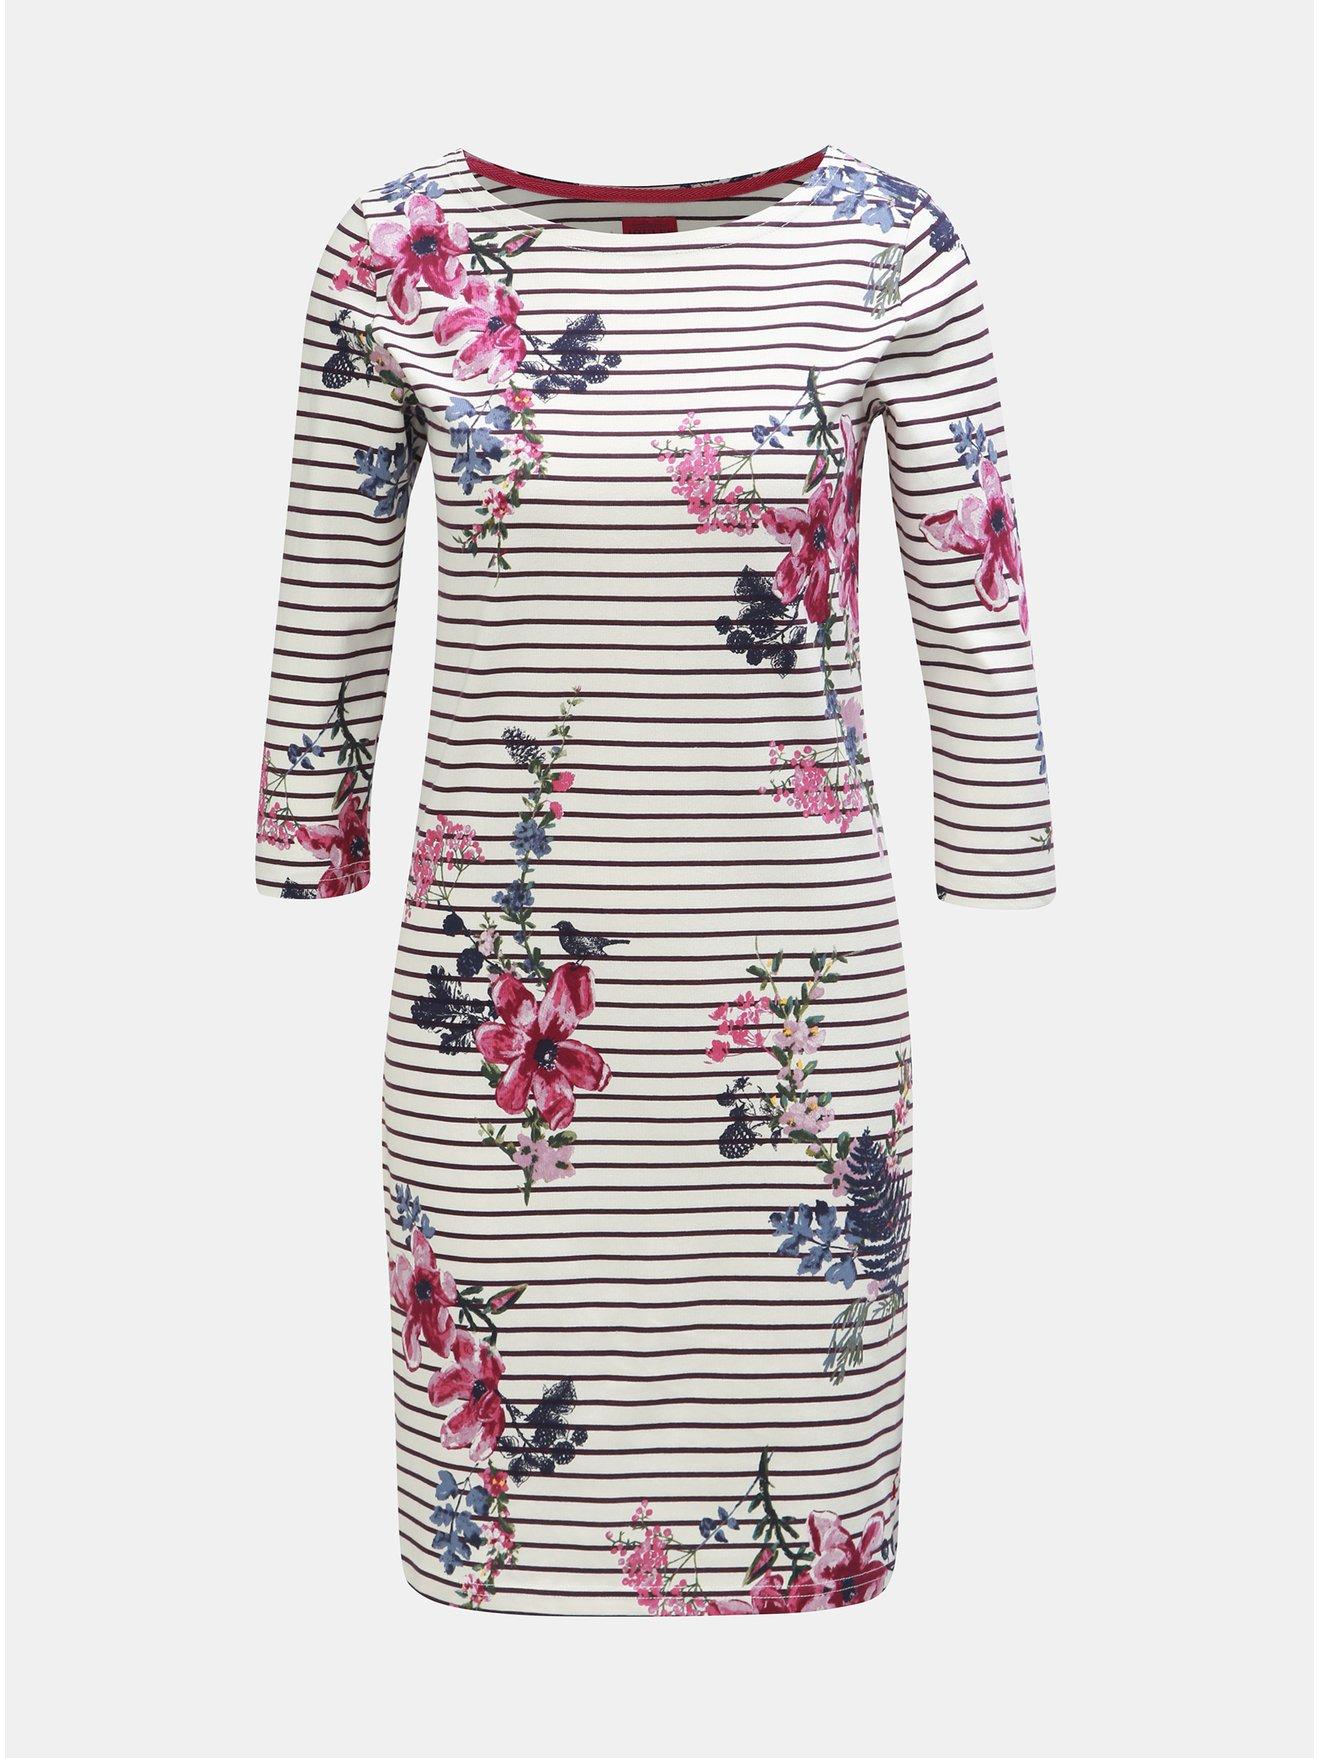 Fotografie Fialovo-bílé dámské květované pruhované šaty s 3/4 rukávem Tom Joule